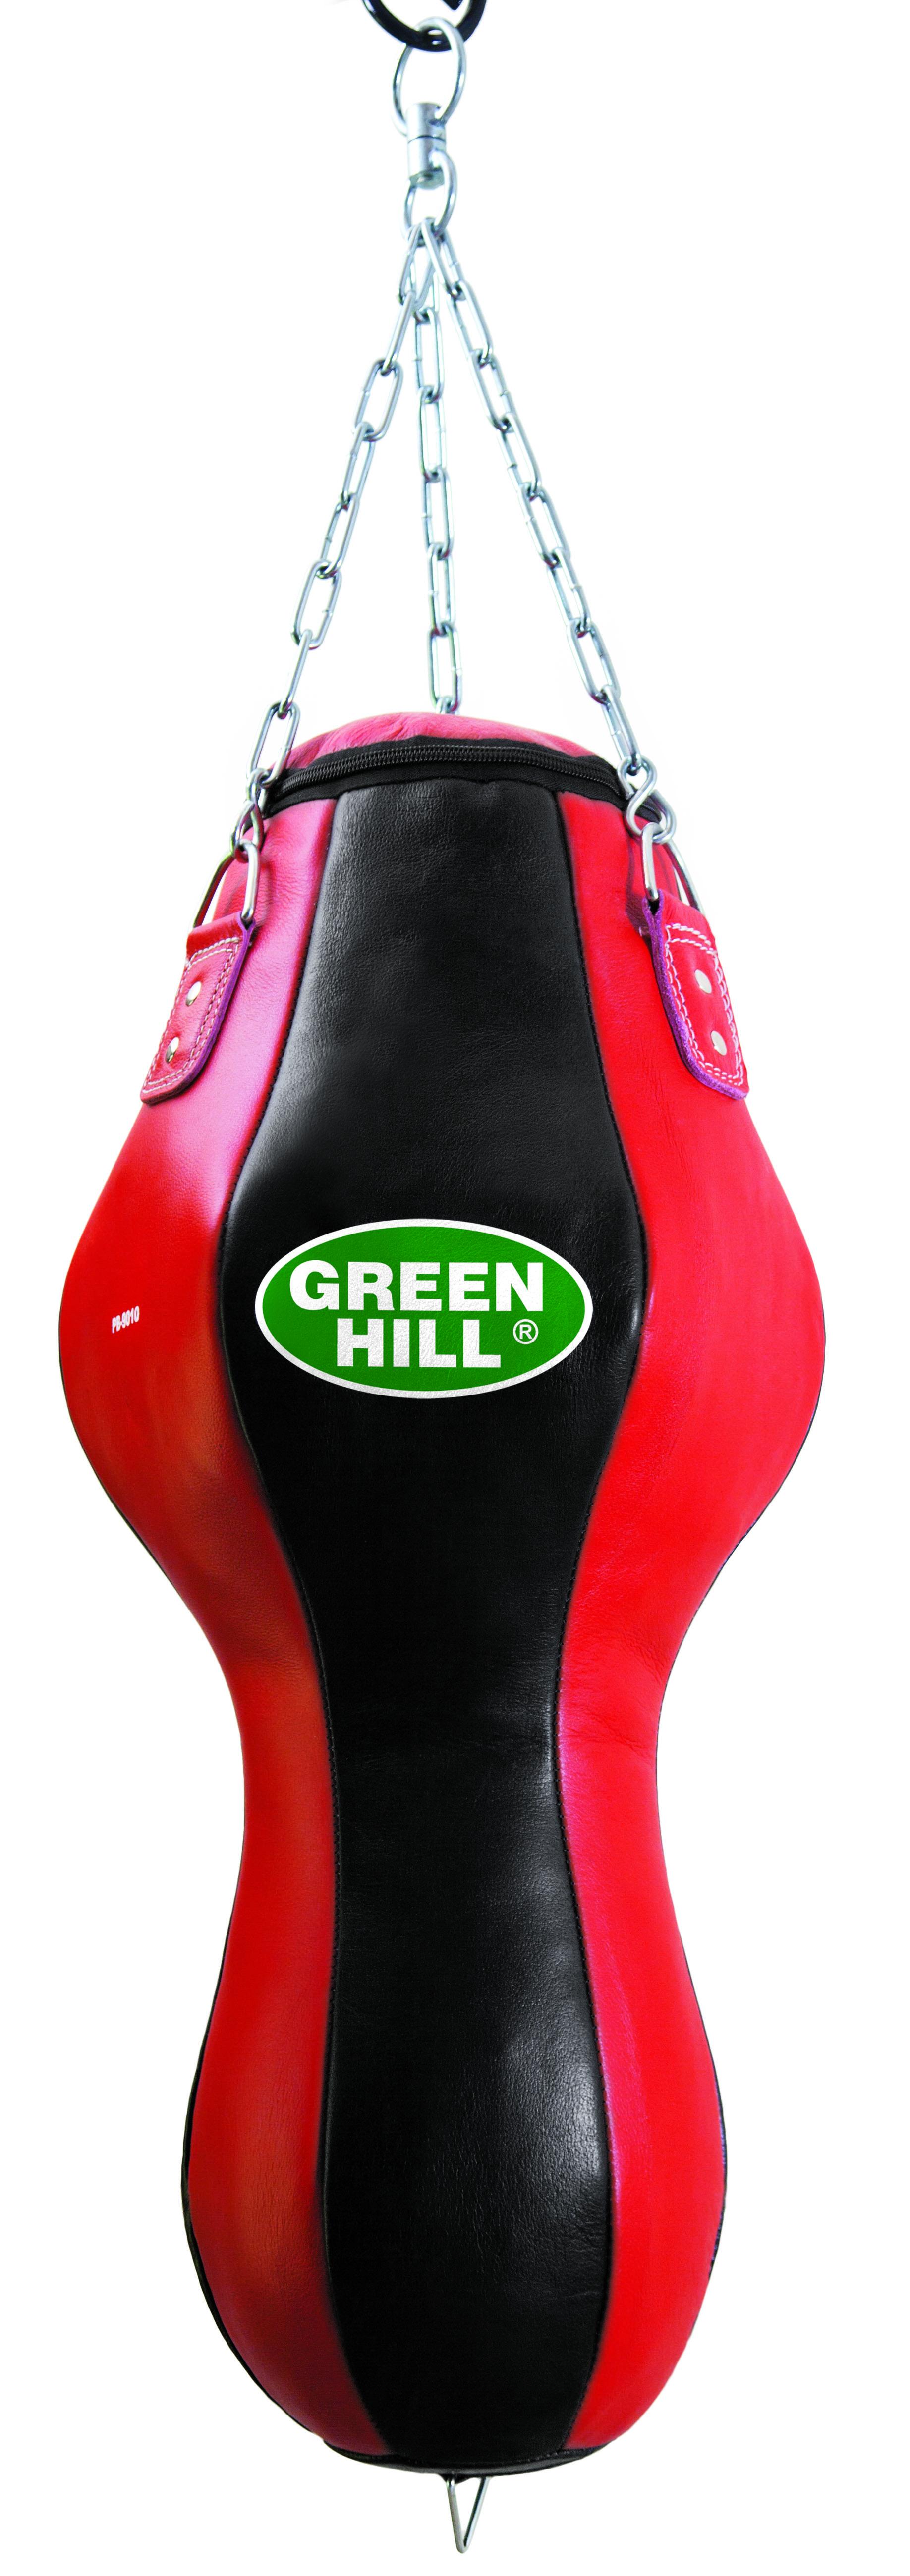 Green Hill Мешок набивной фигурный Green Hill, 38 кг cпальный мешок helios батыр сок 2 green 0612